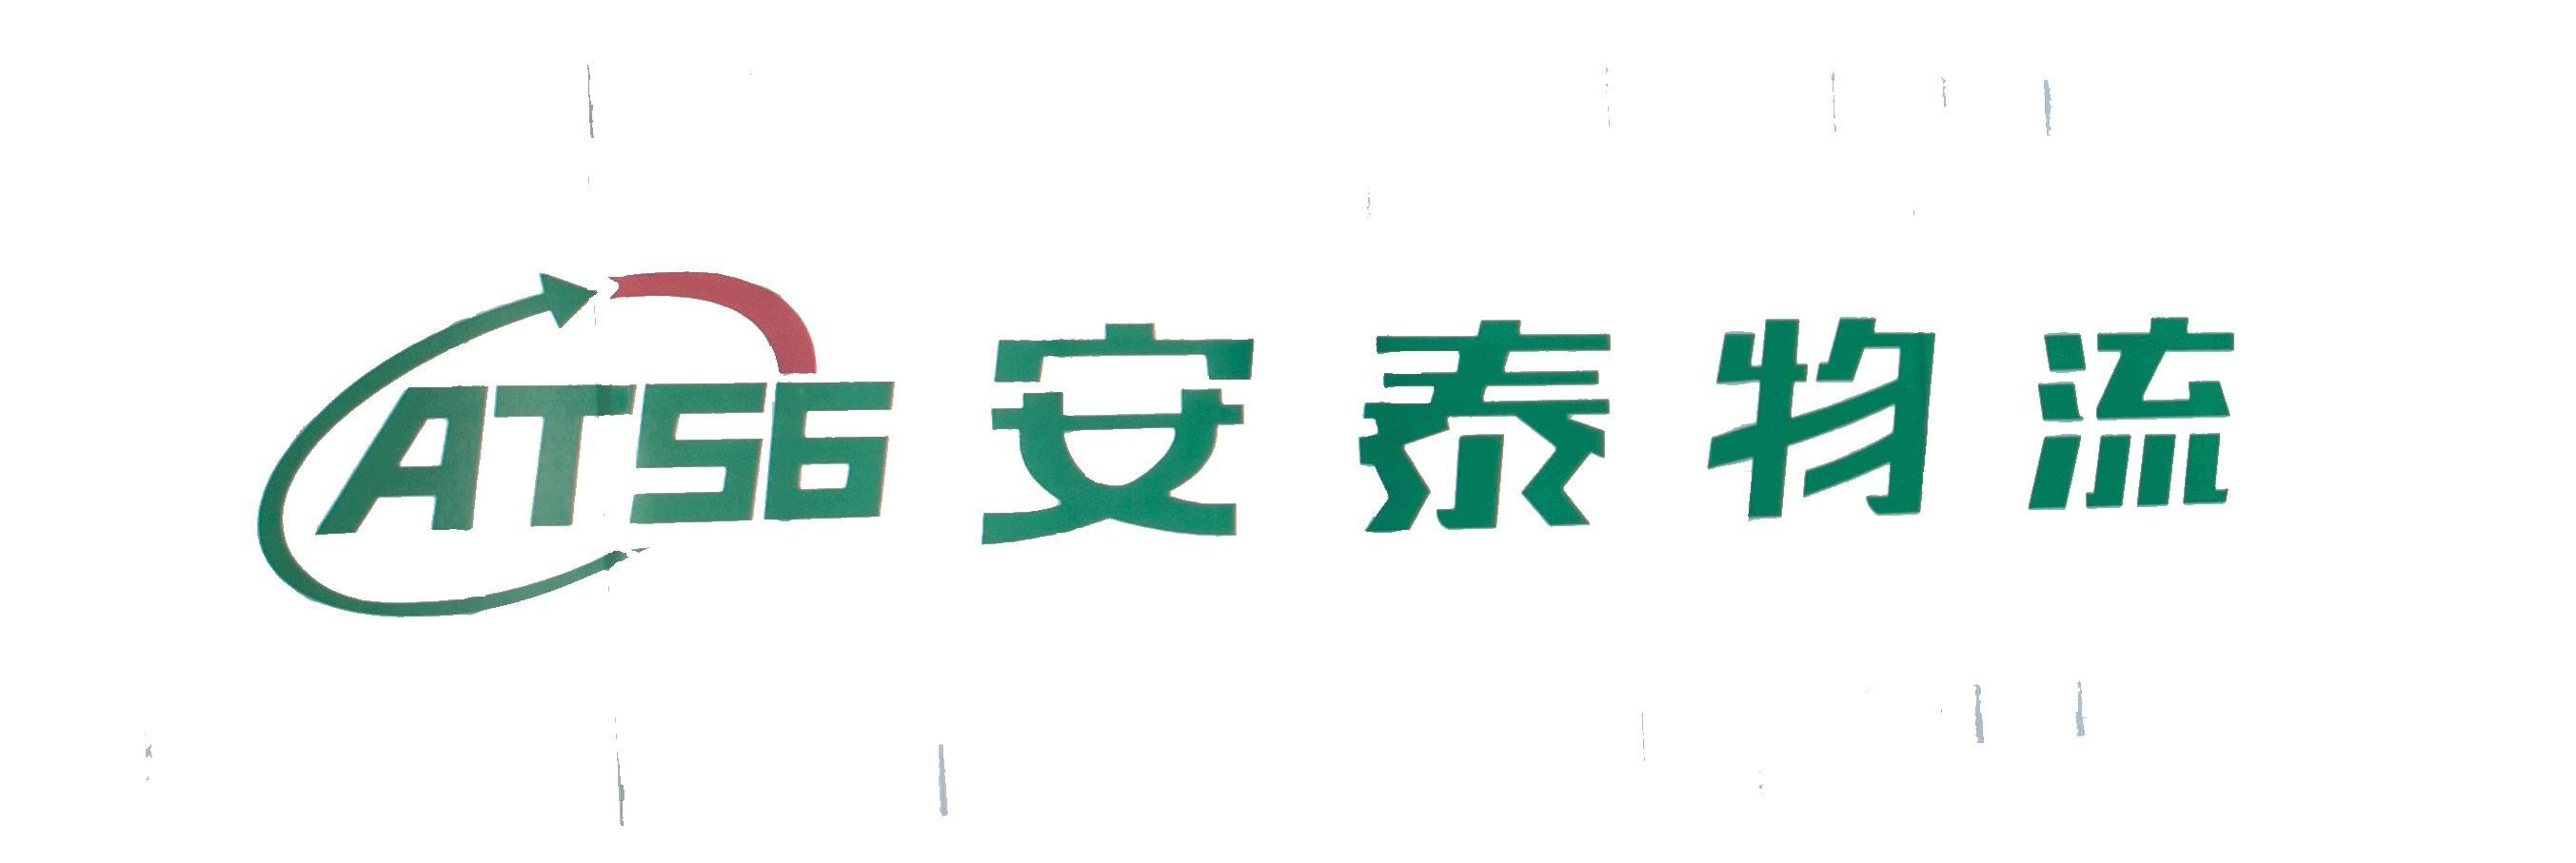 鄂城第6类危险货物运输电话【安泰物流】